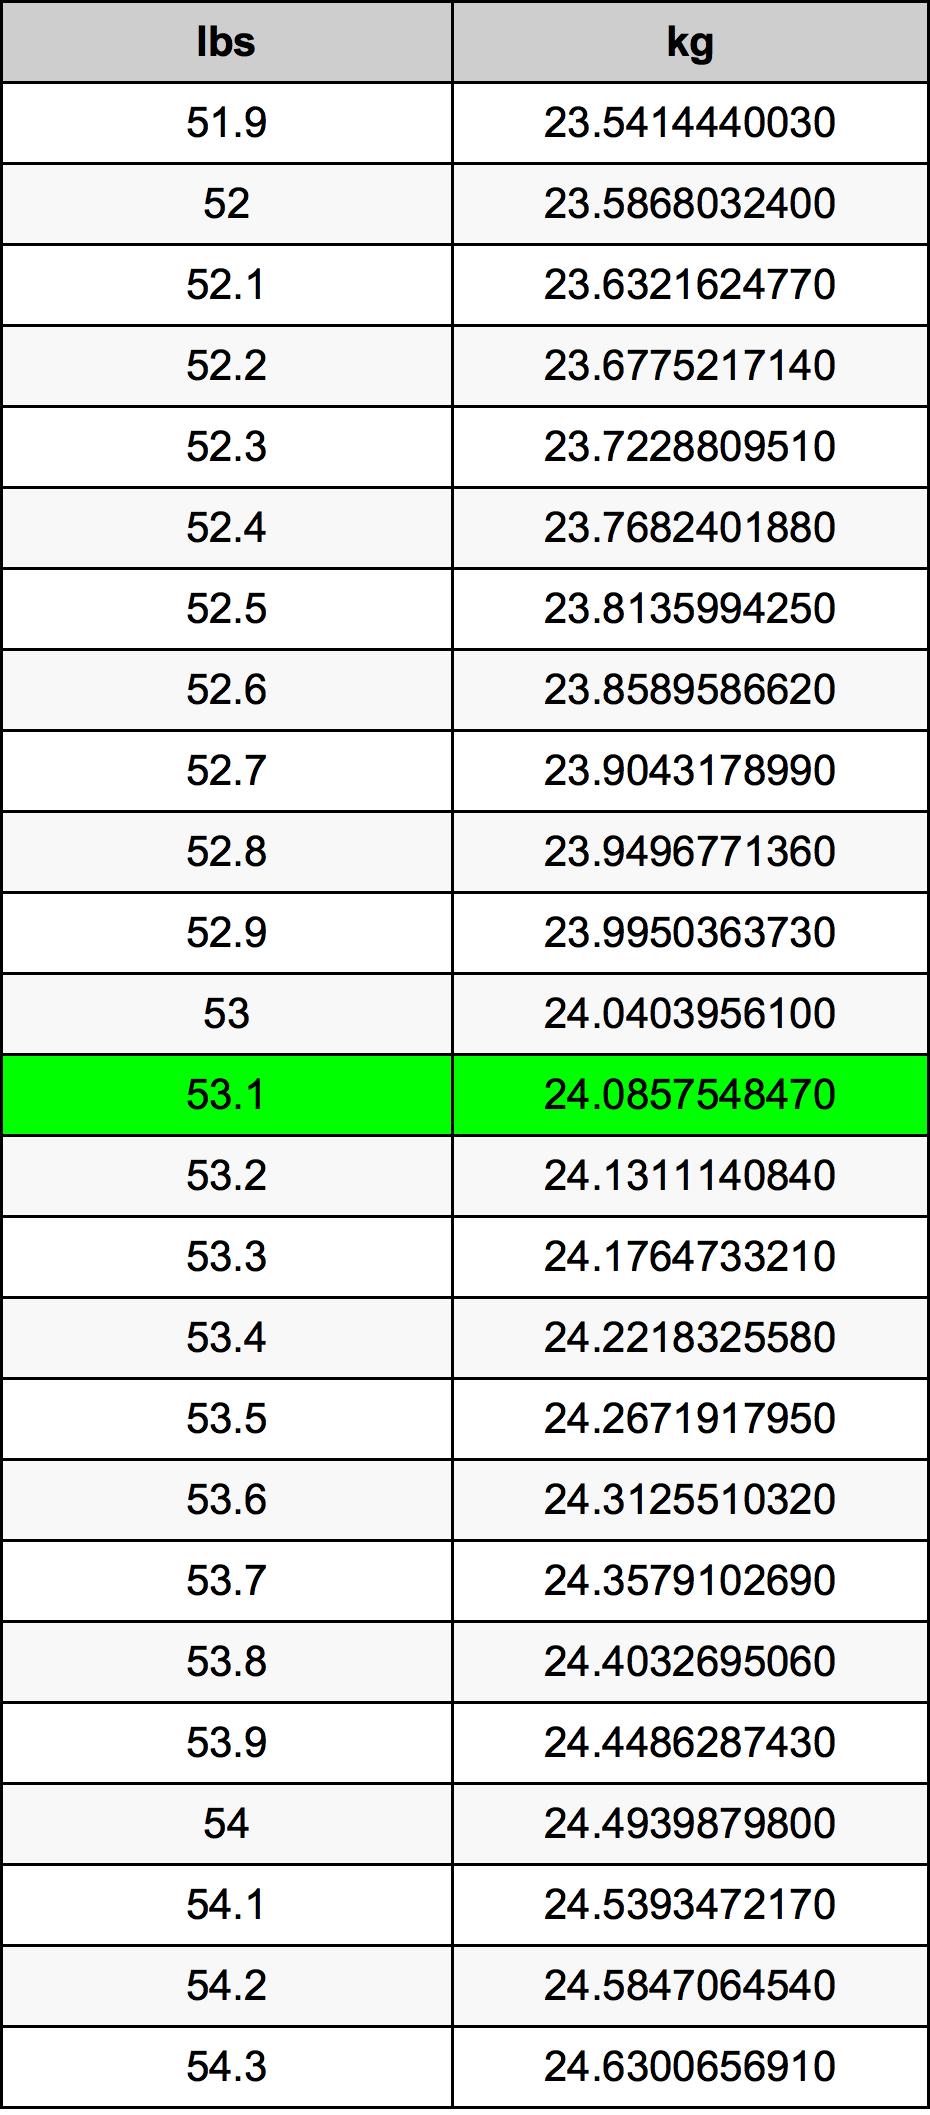 53.1 λίμπρα Πίνακας Μετατροπής